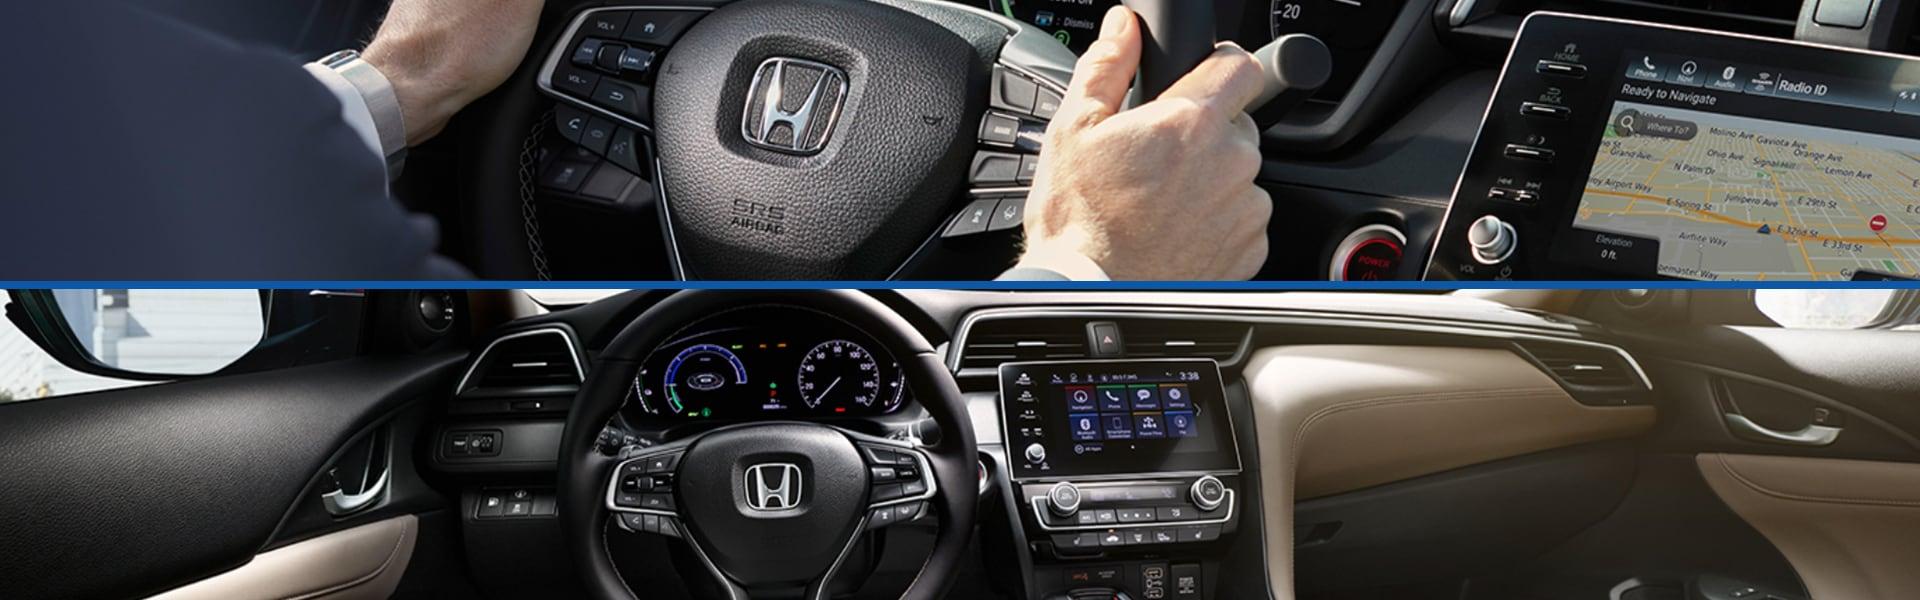 Honda dealers